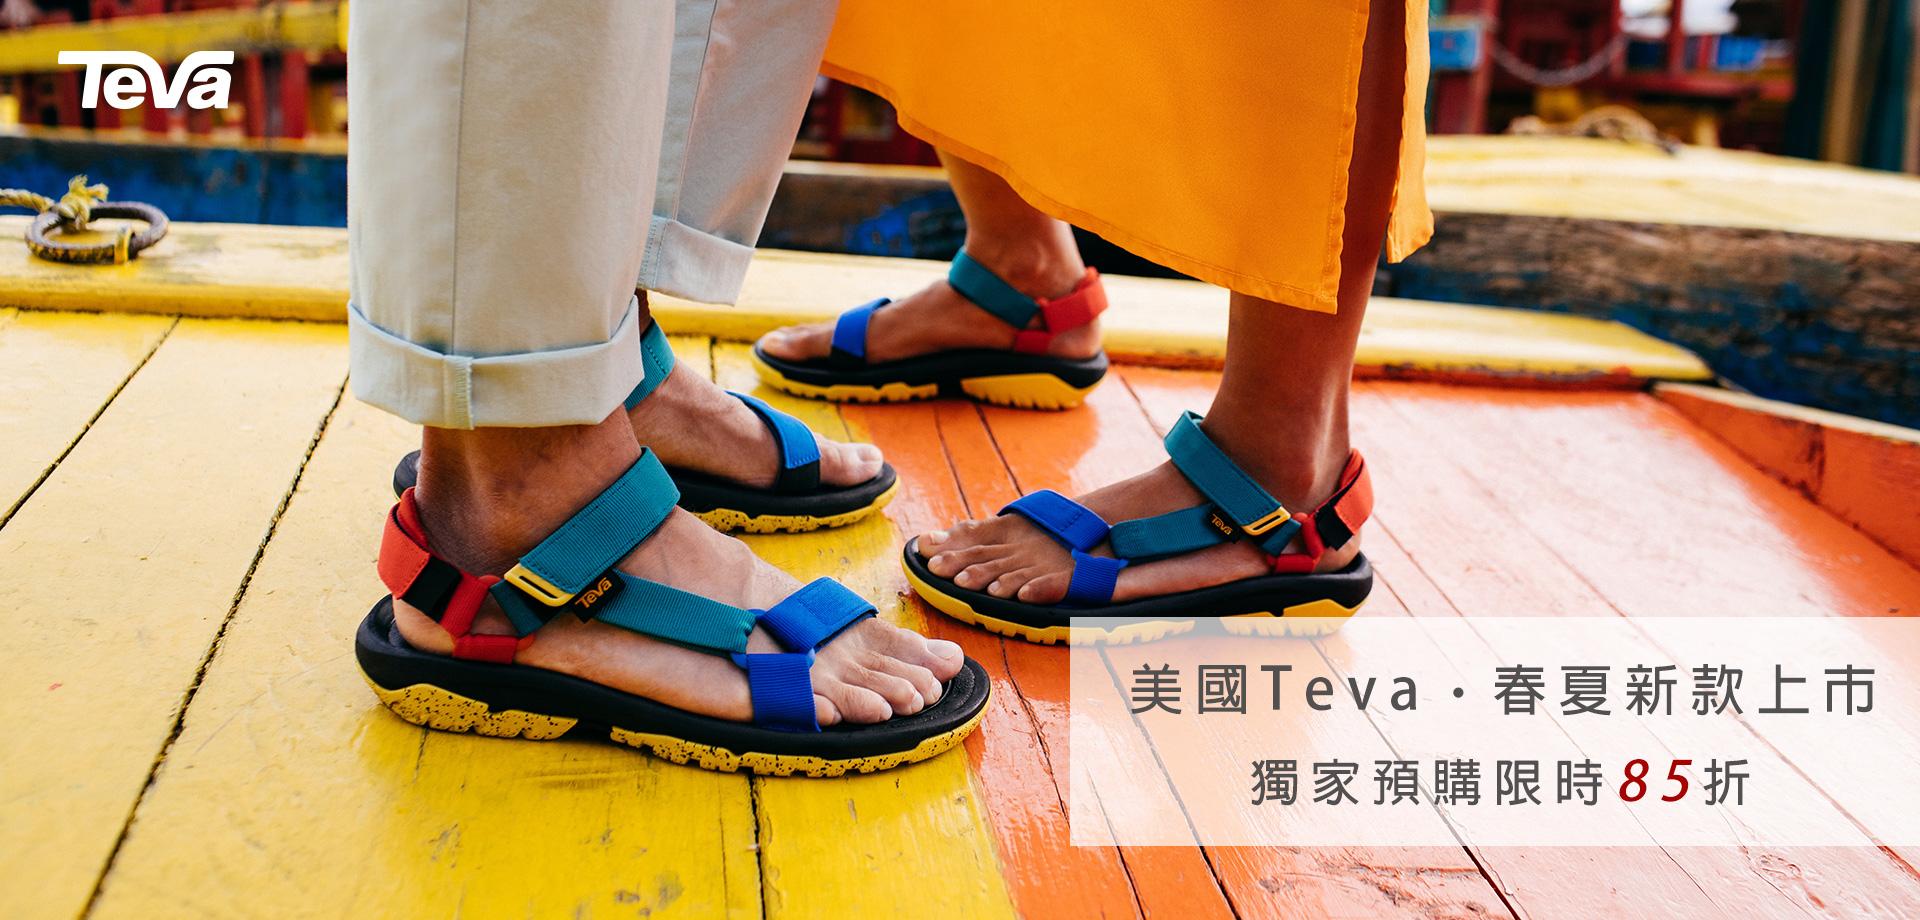 teva,涼鞋,運動涼鞋,織帶涼鞋,羅馬涼鞋,